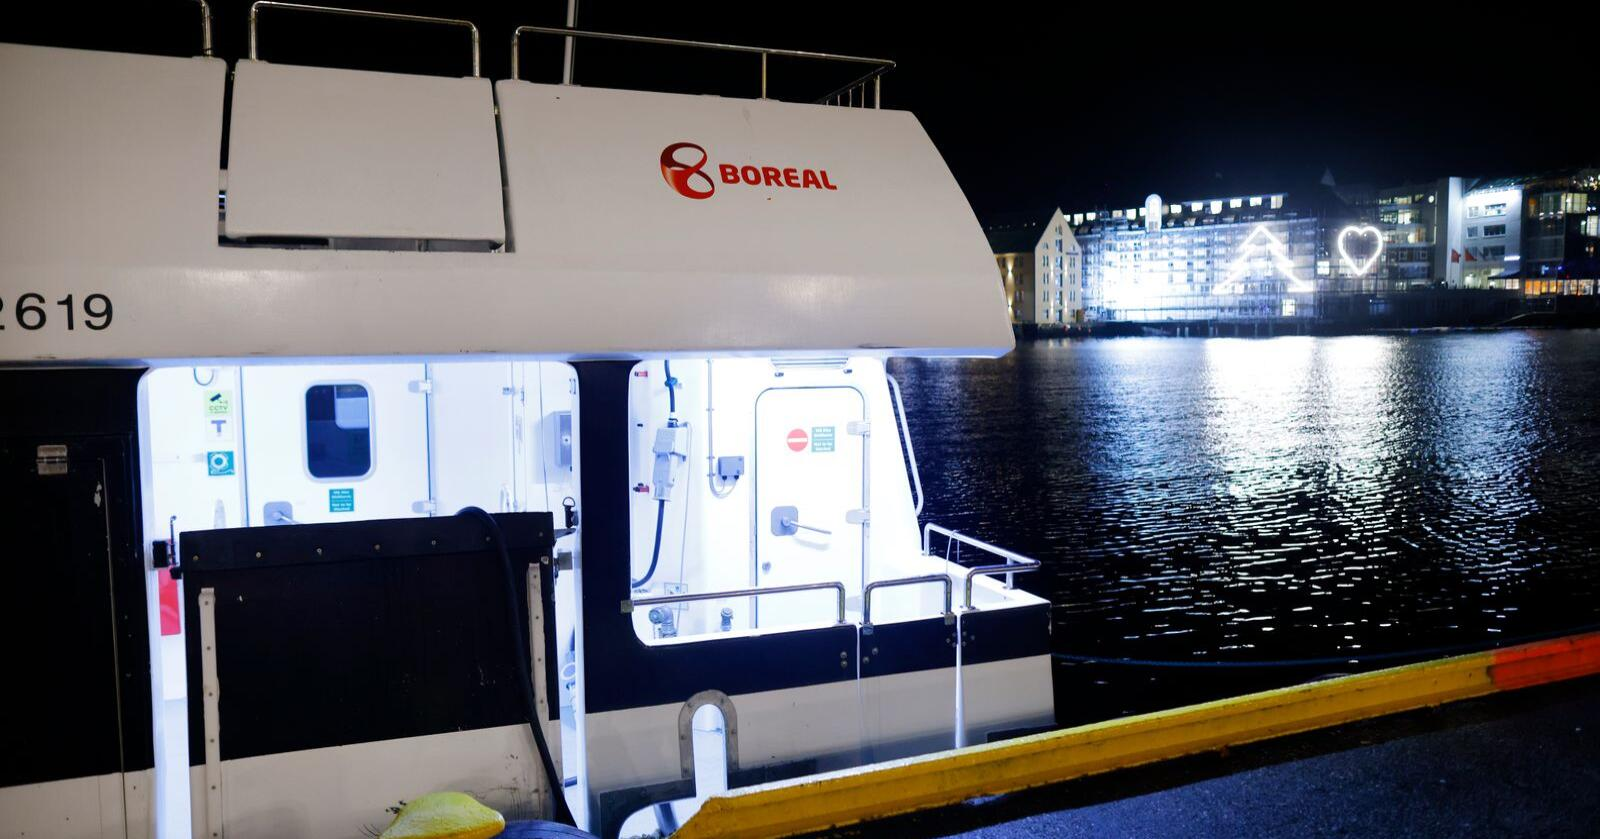 Hurtigbåten Valderøy fra Boreal ligger til kai i Ålesund 16. desemer 2020 etter at rederiet fikk seilingsnekt grunnet alvorlige sikkerhetsbrudd. Foto: Svein Ove Ekornesvåg / NTB